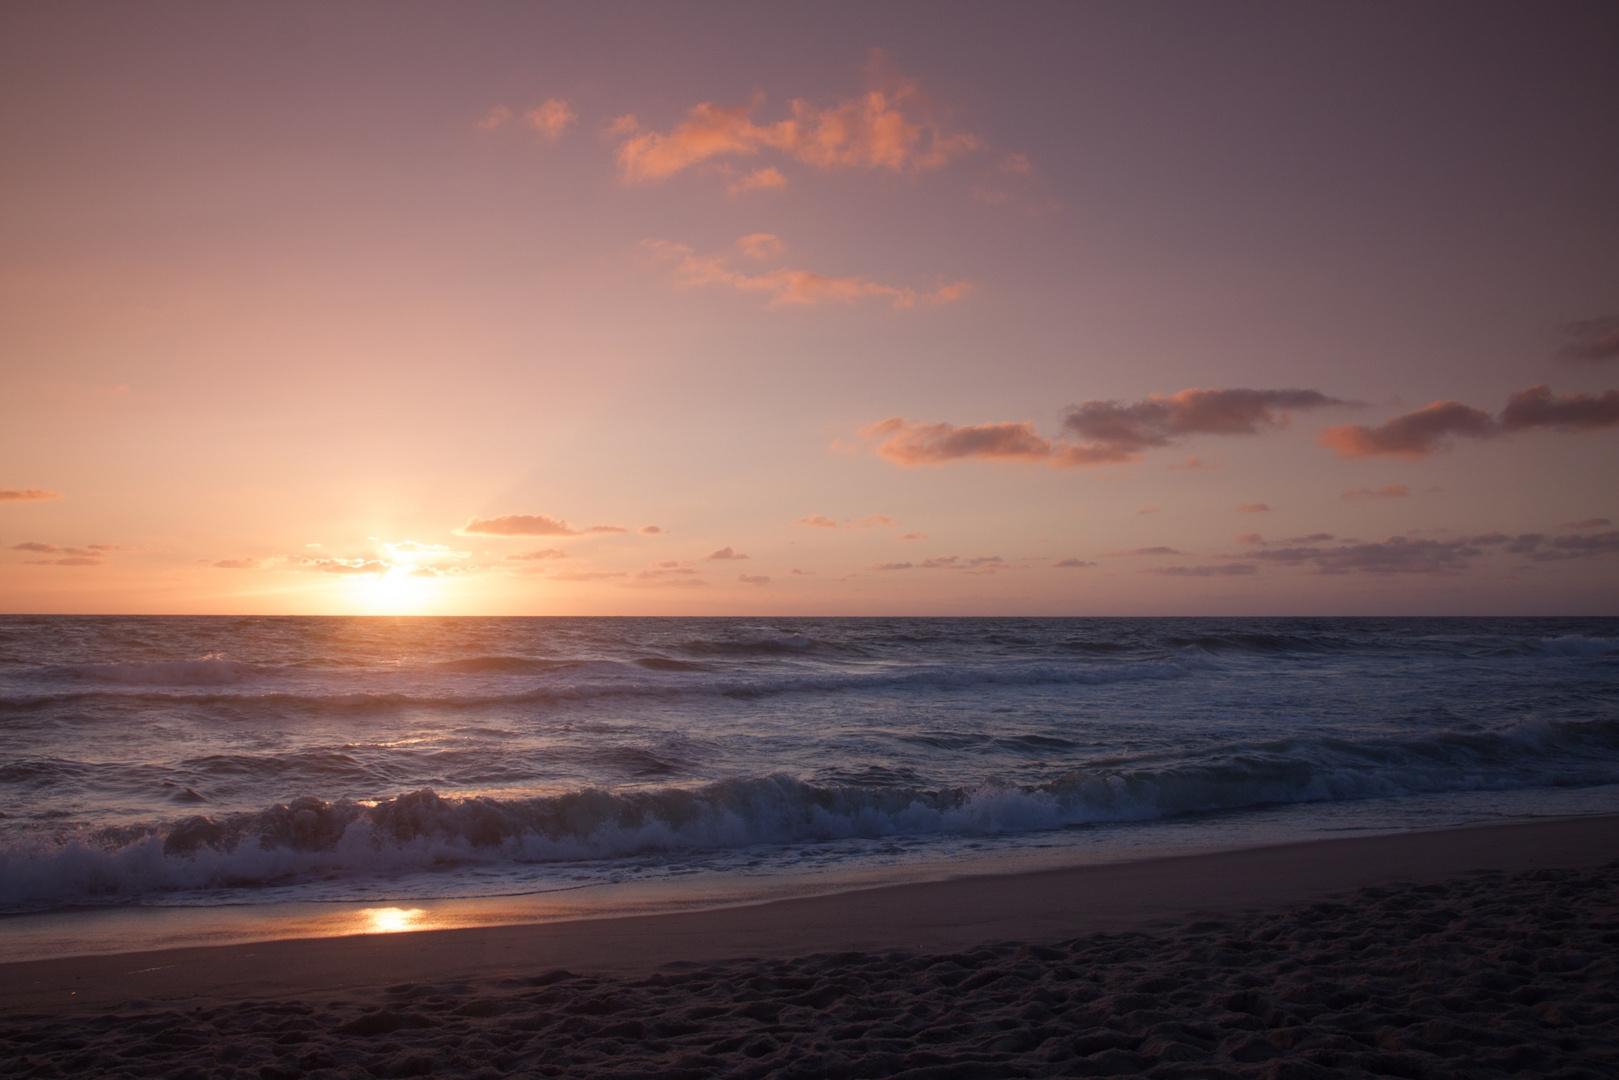 Sonnenuntergang am Brandenburger Strand auf Sylt